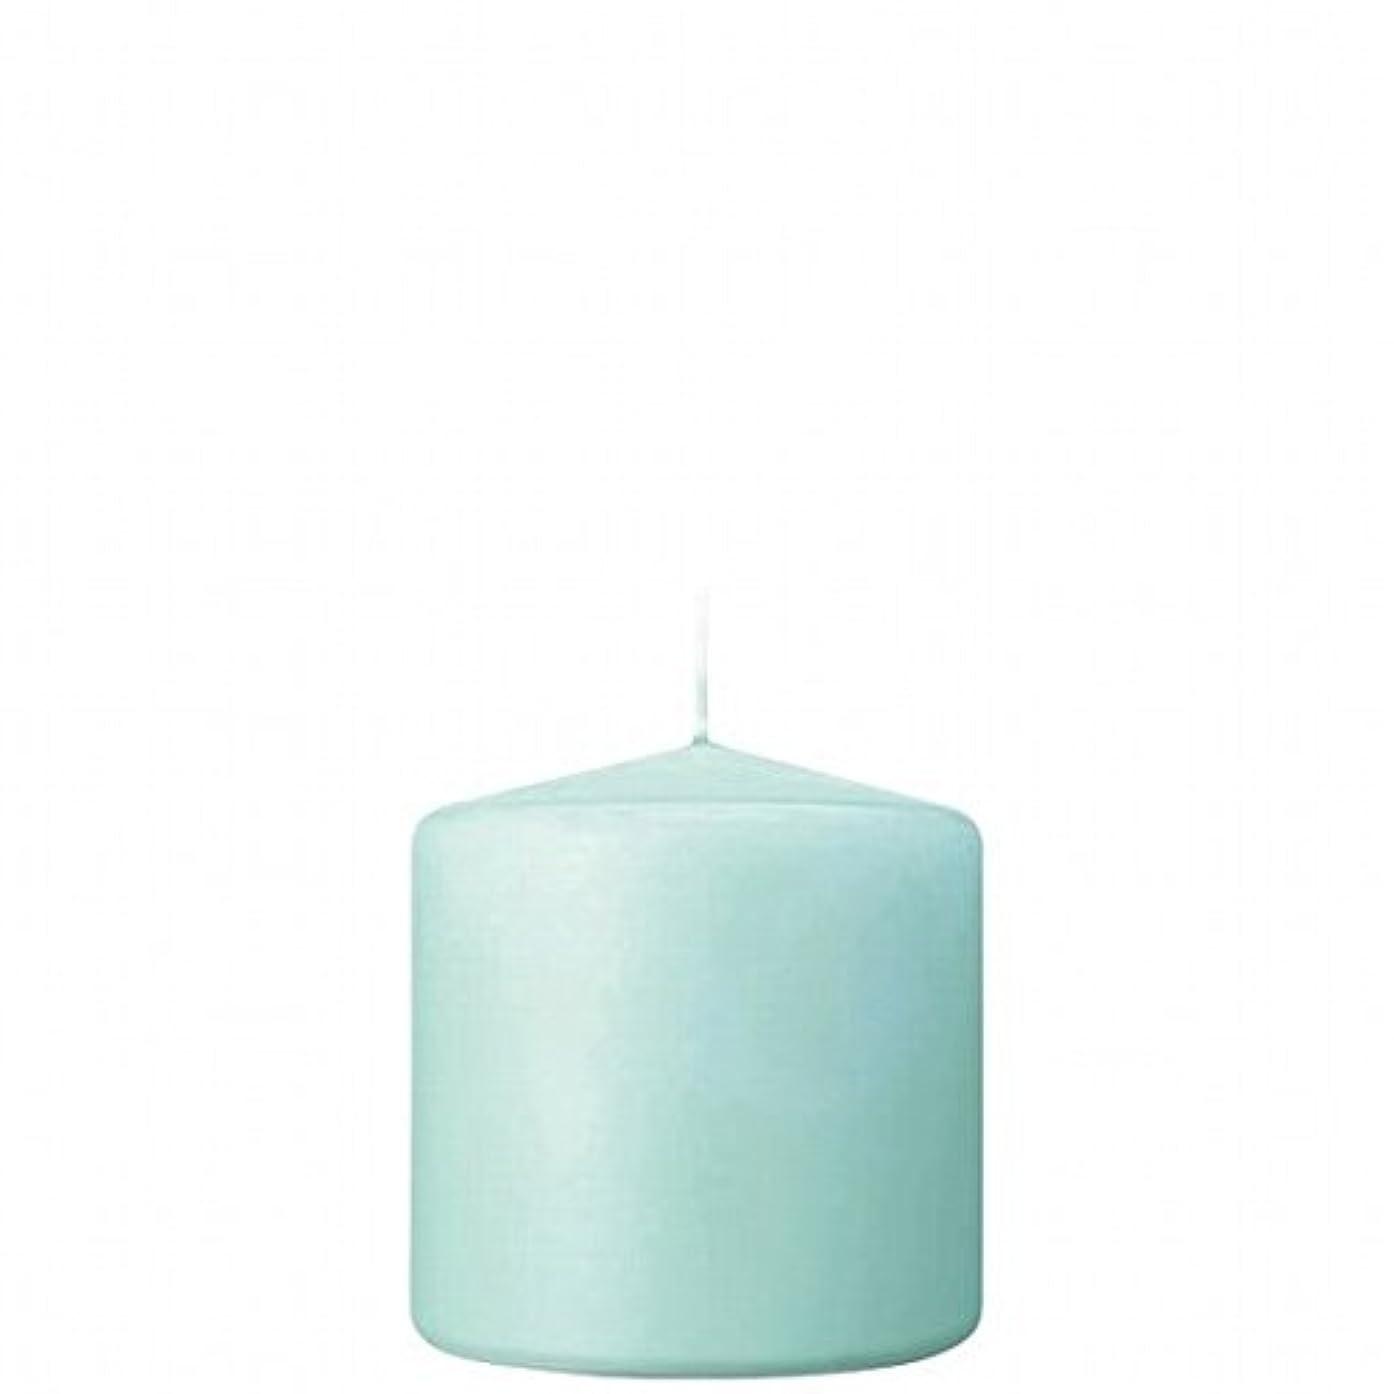 エンジニアカバーデクリメントkameyama candle(カメヤマキャンドル) 3×3ベルトップピラーキャンドル 「 ライトブルー 」(A9730000LB)